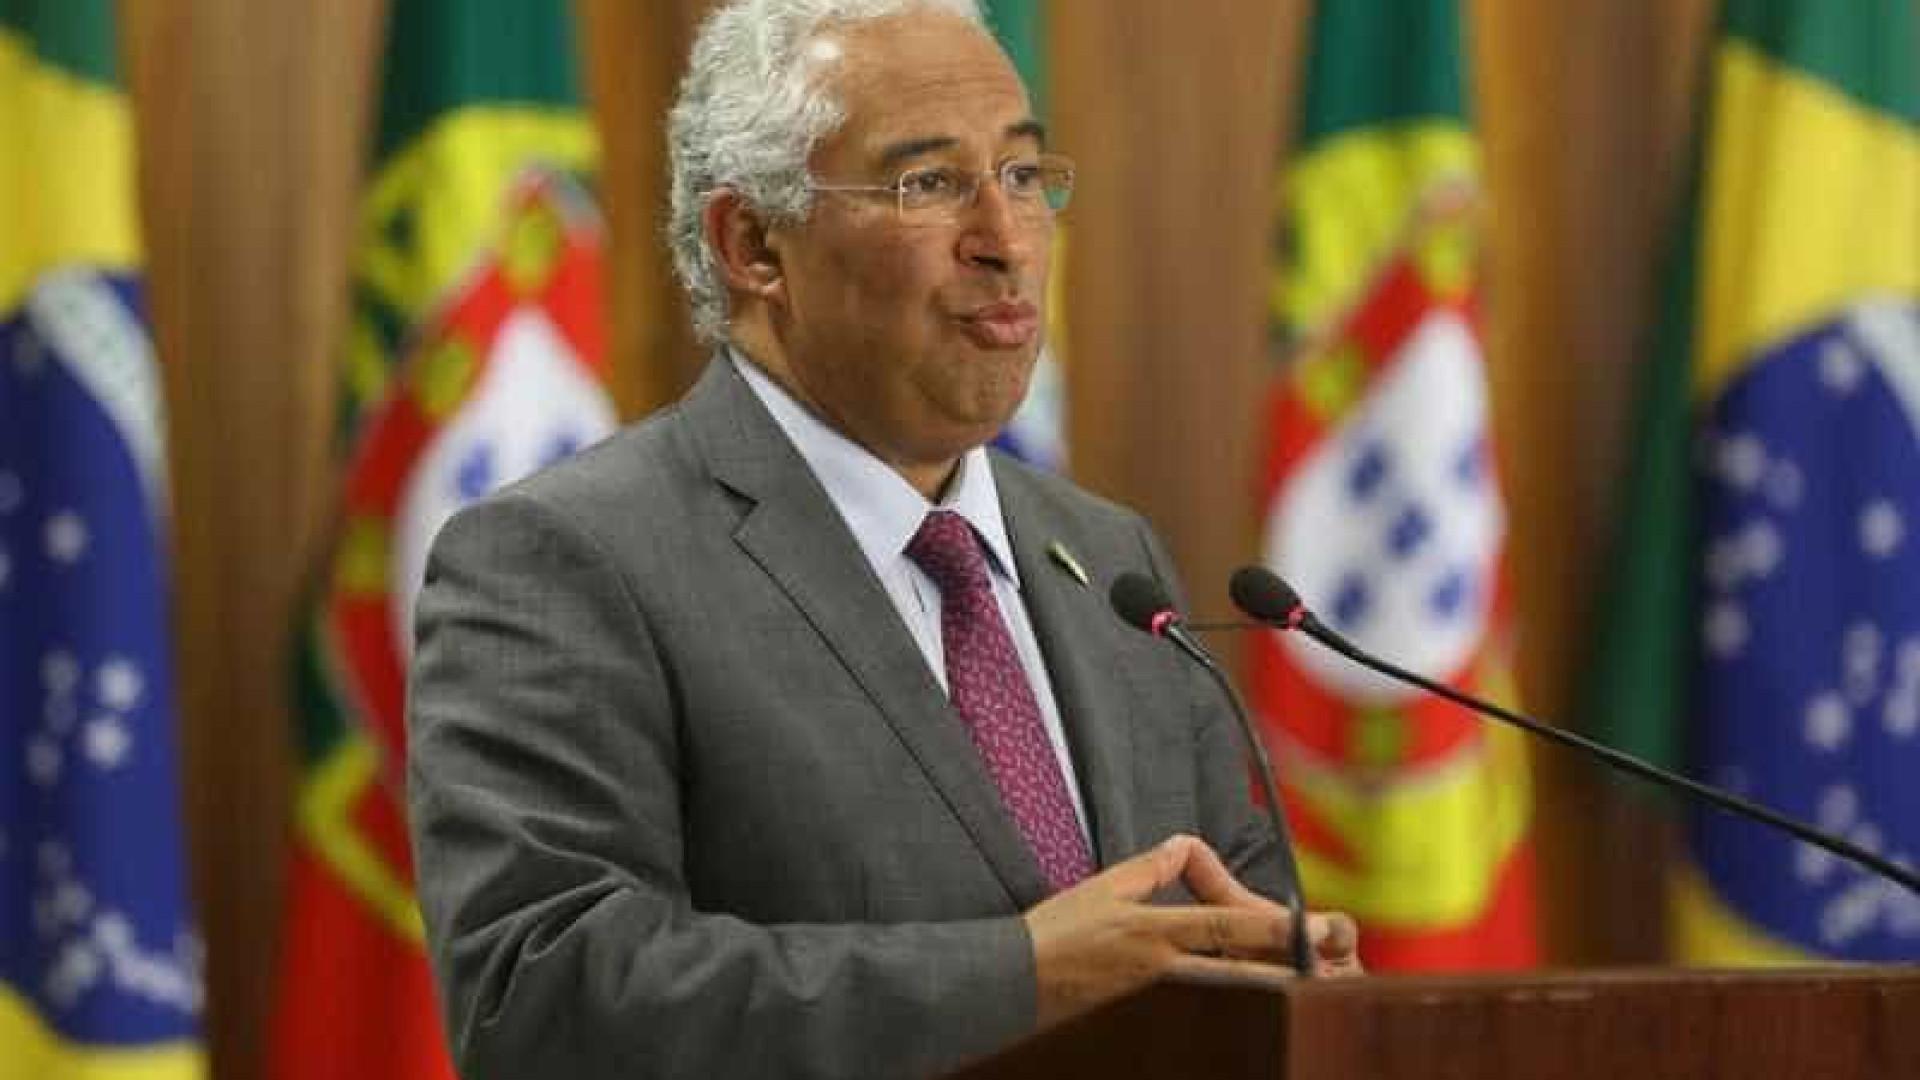 Análise de pedidos de cidadania ficará mais ágil, diz premiê português